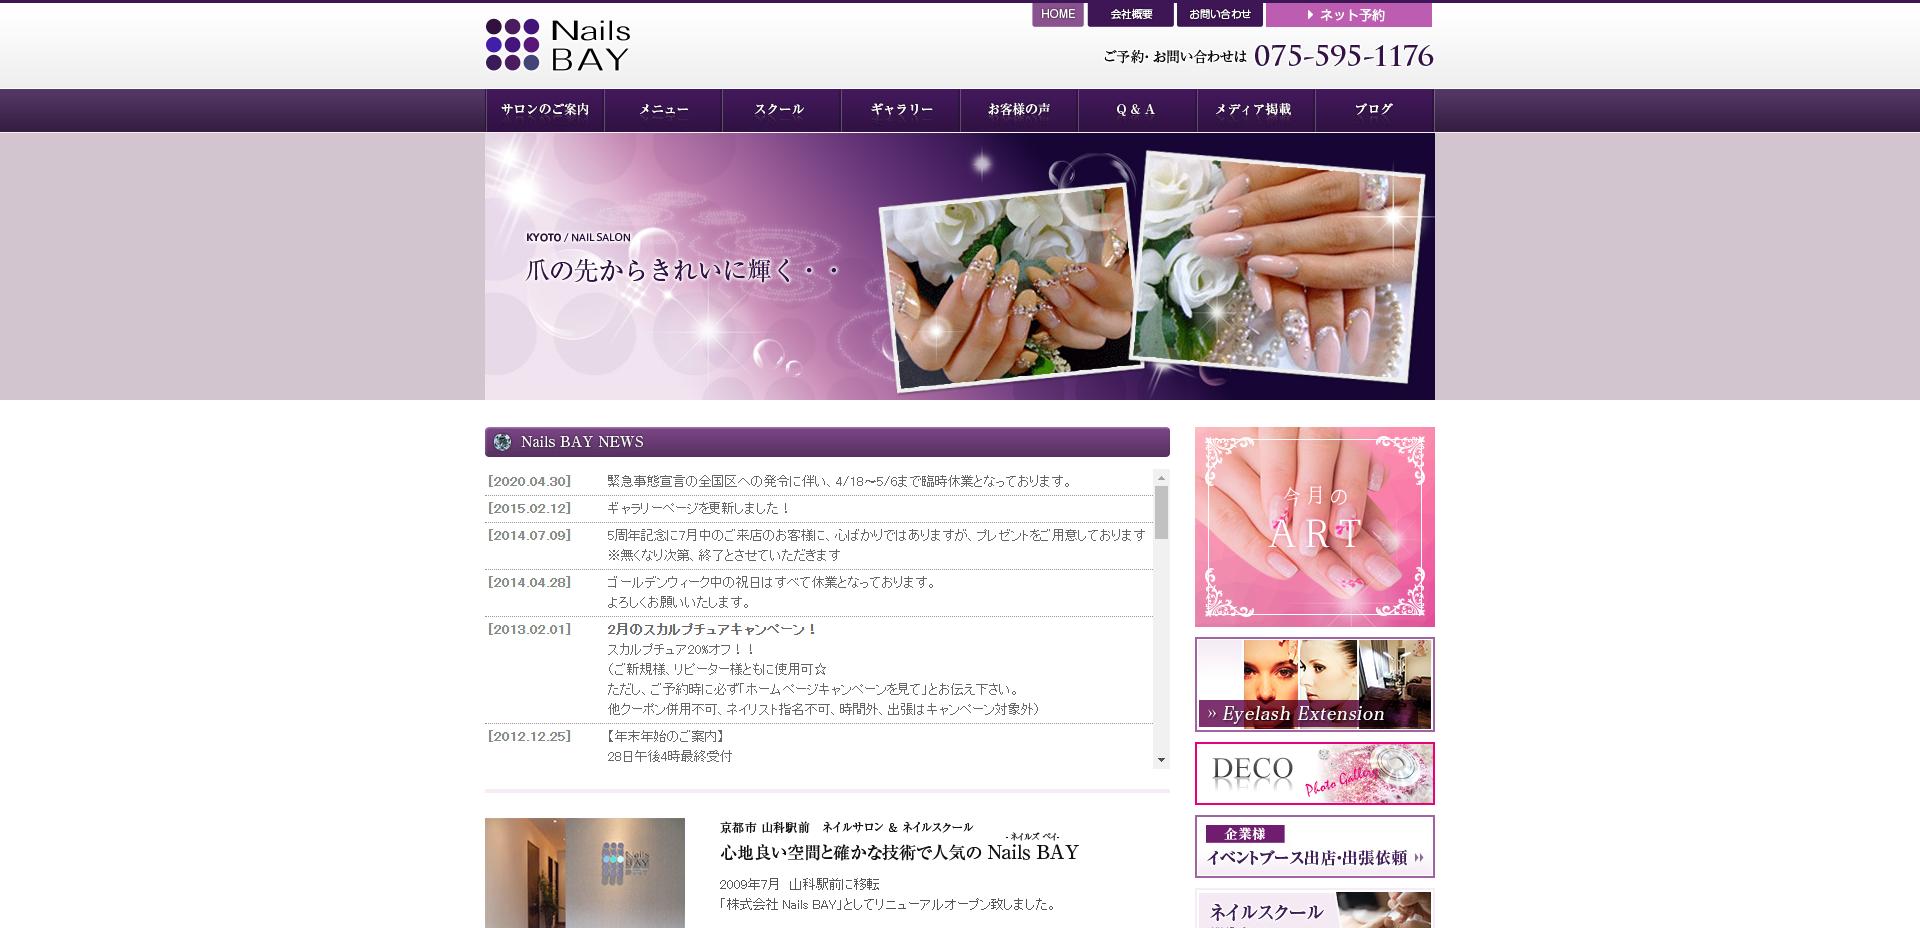 Nails BAY